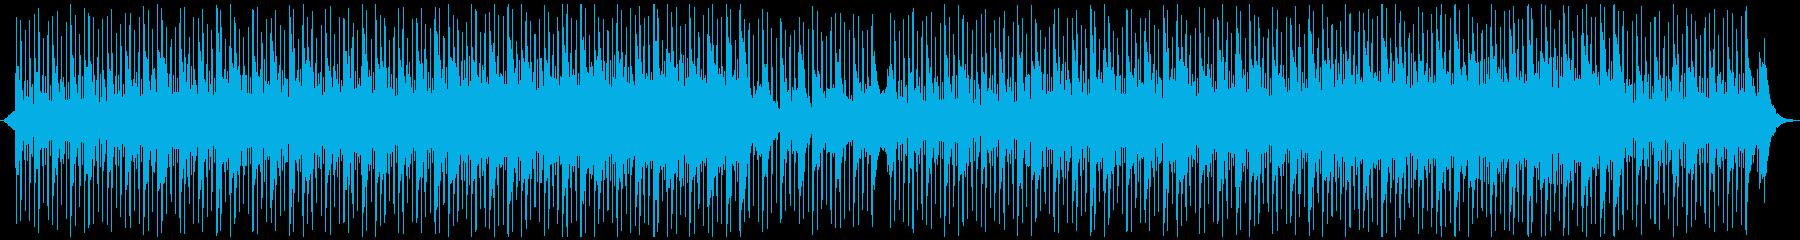 企業・ポジティブ・前向き・爽快・青空の再生済みの波形